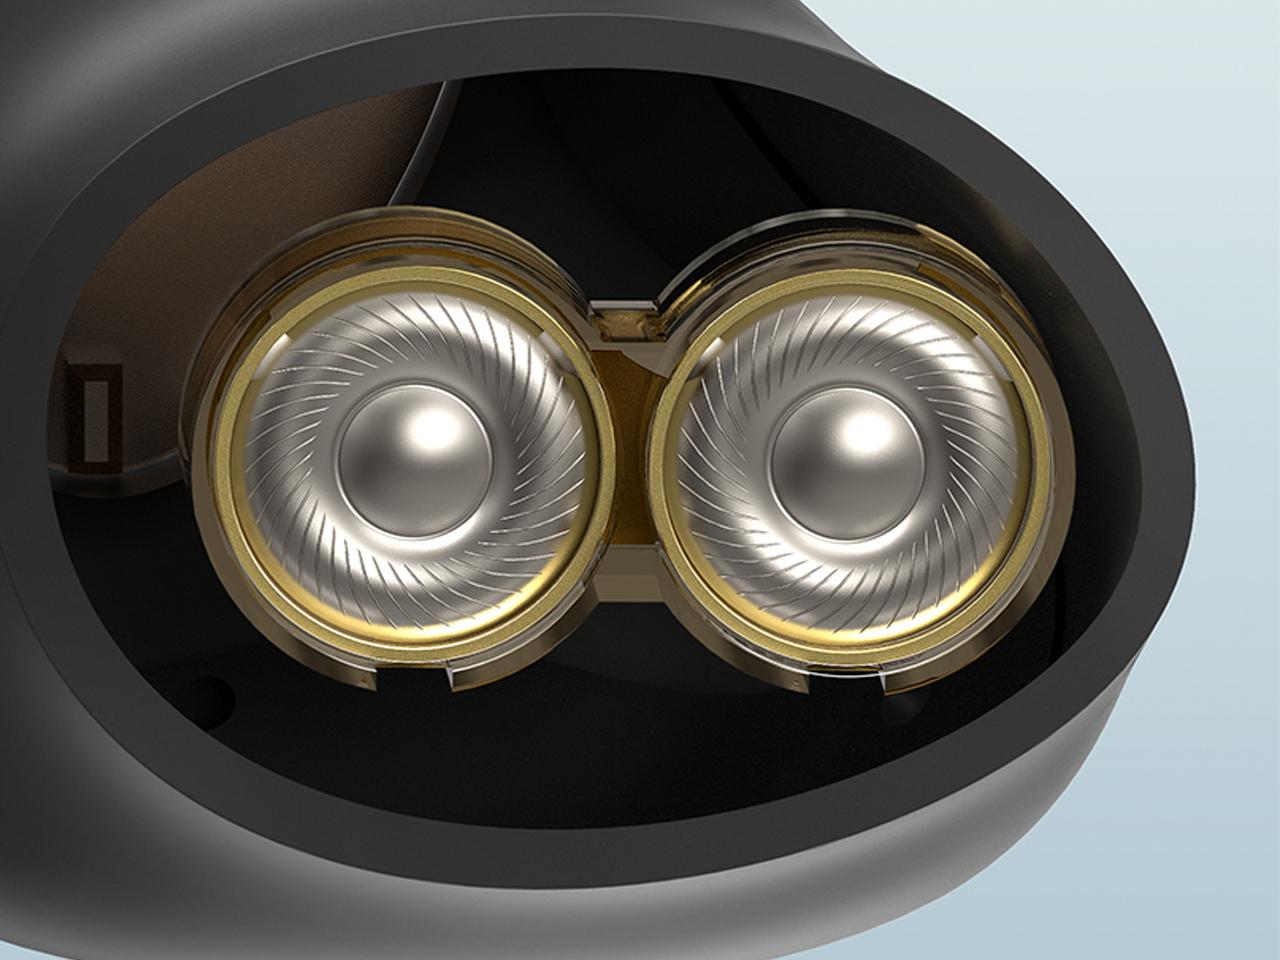 Tai nghe Soundpeats Truengine 3SE vớ bộ điều khiển động và mic kép